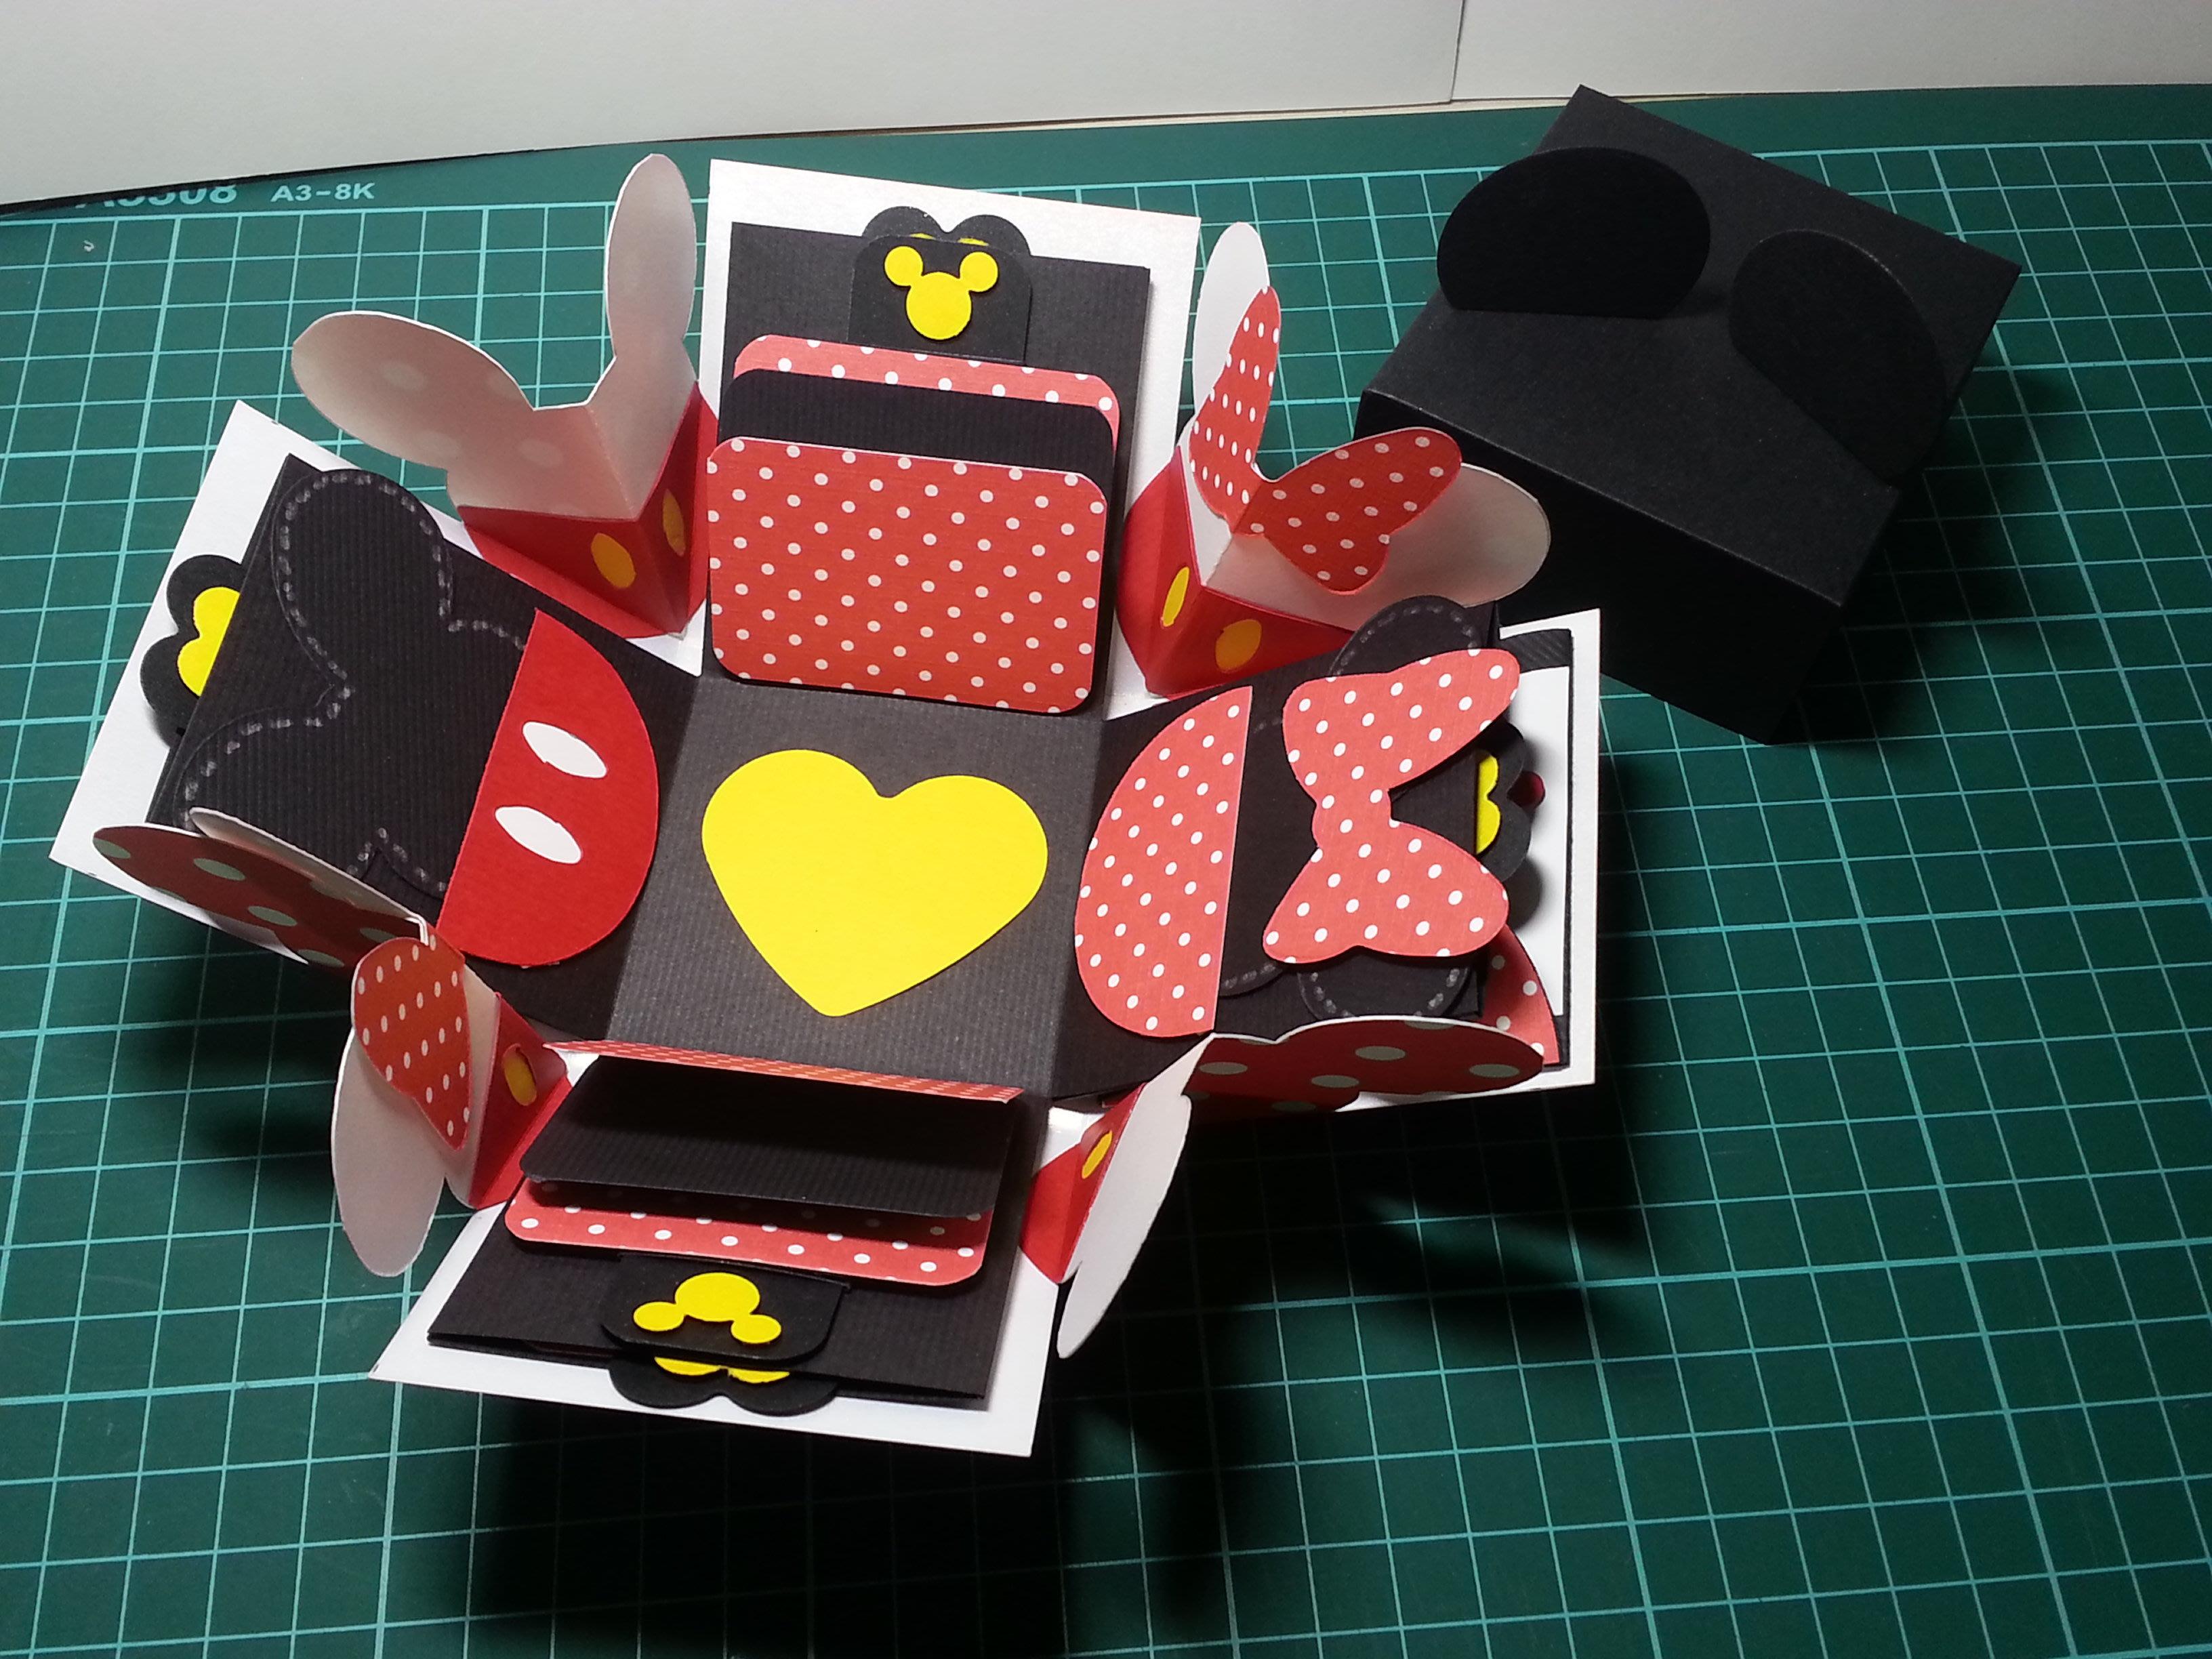 [材料包]米奇,米妮禮物盒,手作卡片,爆炸禮物盒,機關卡片